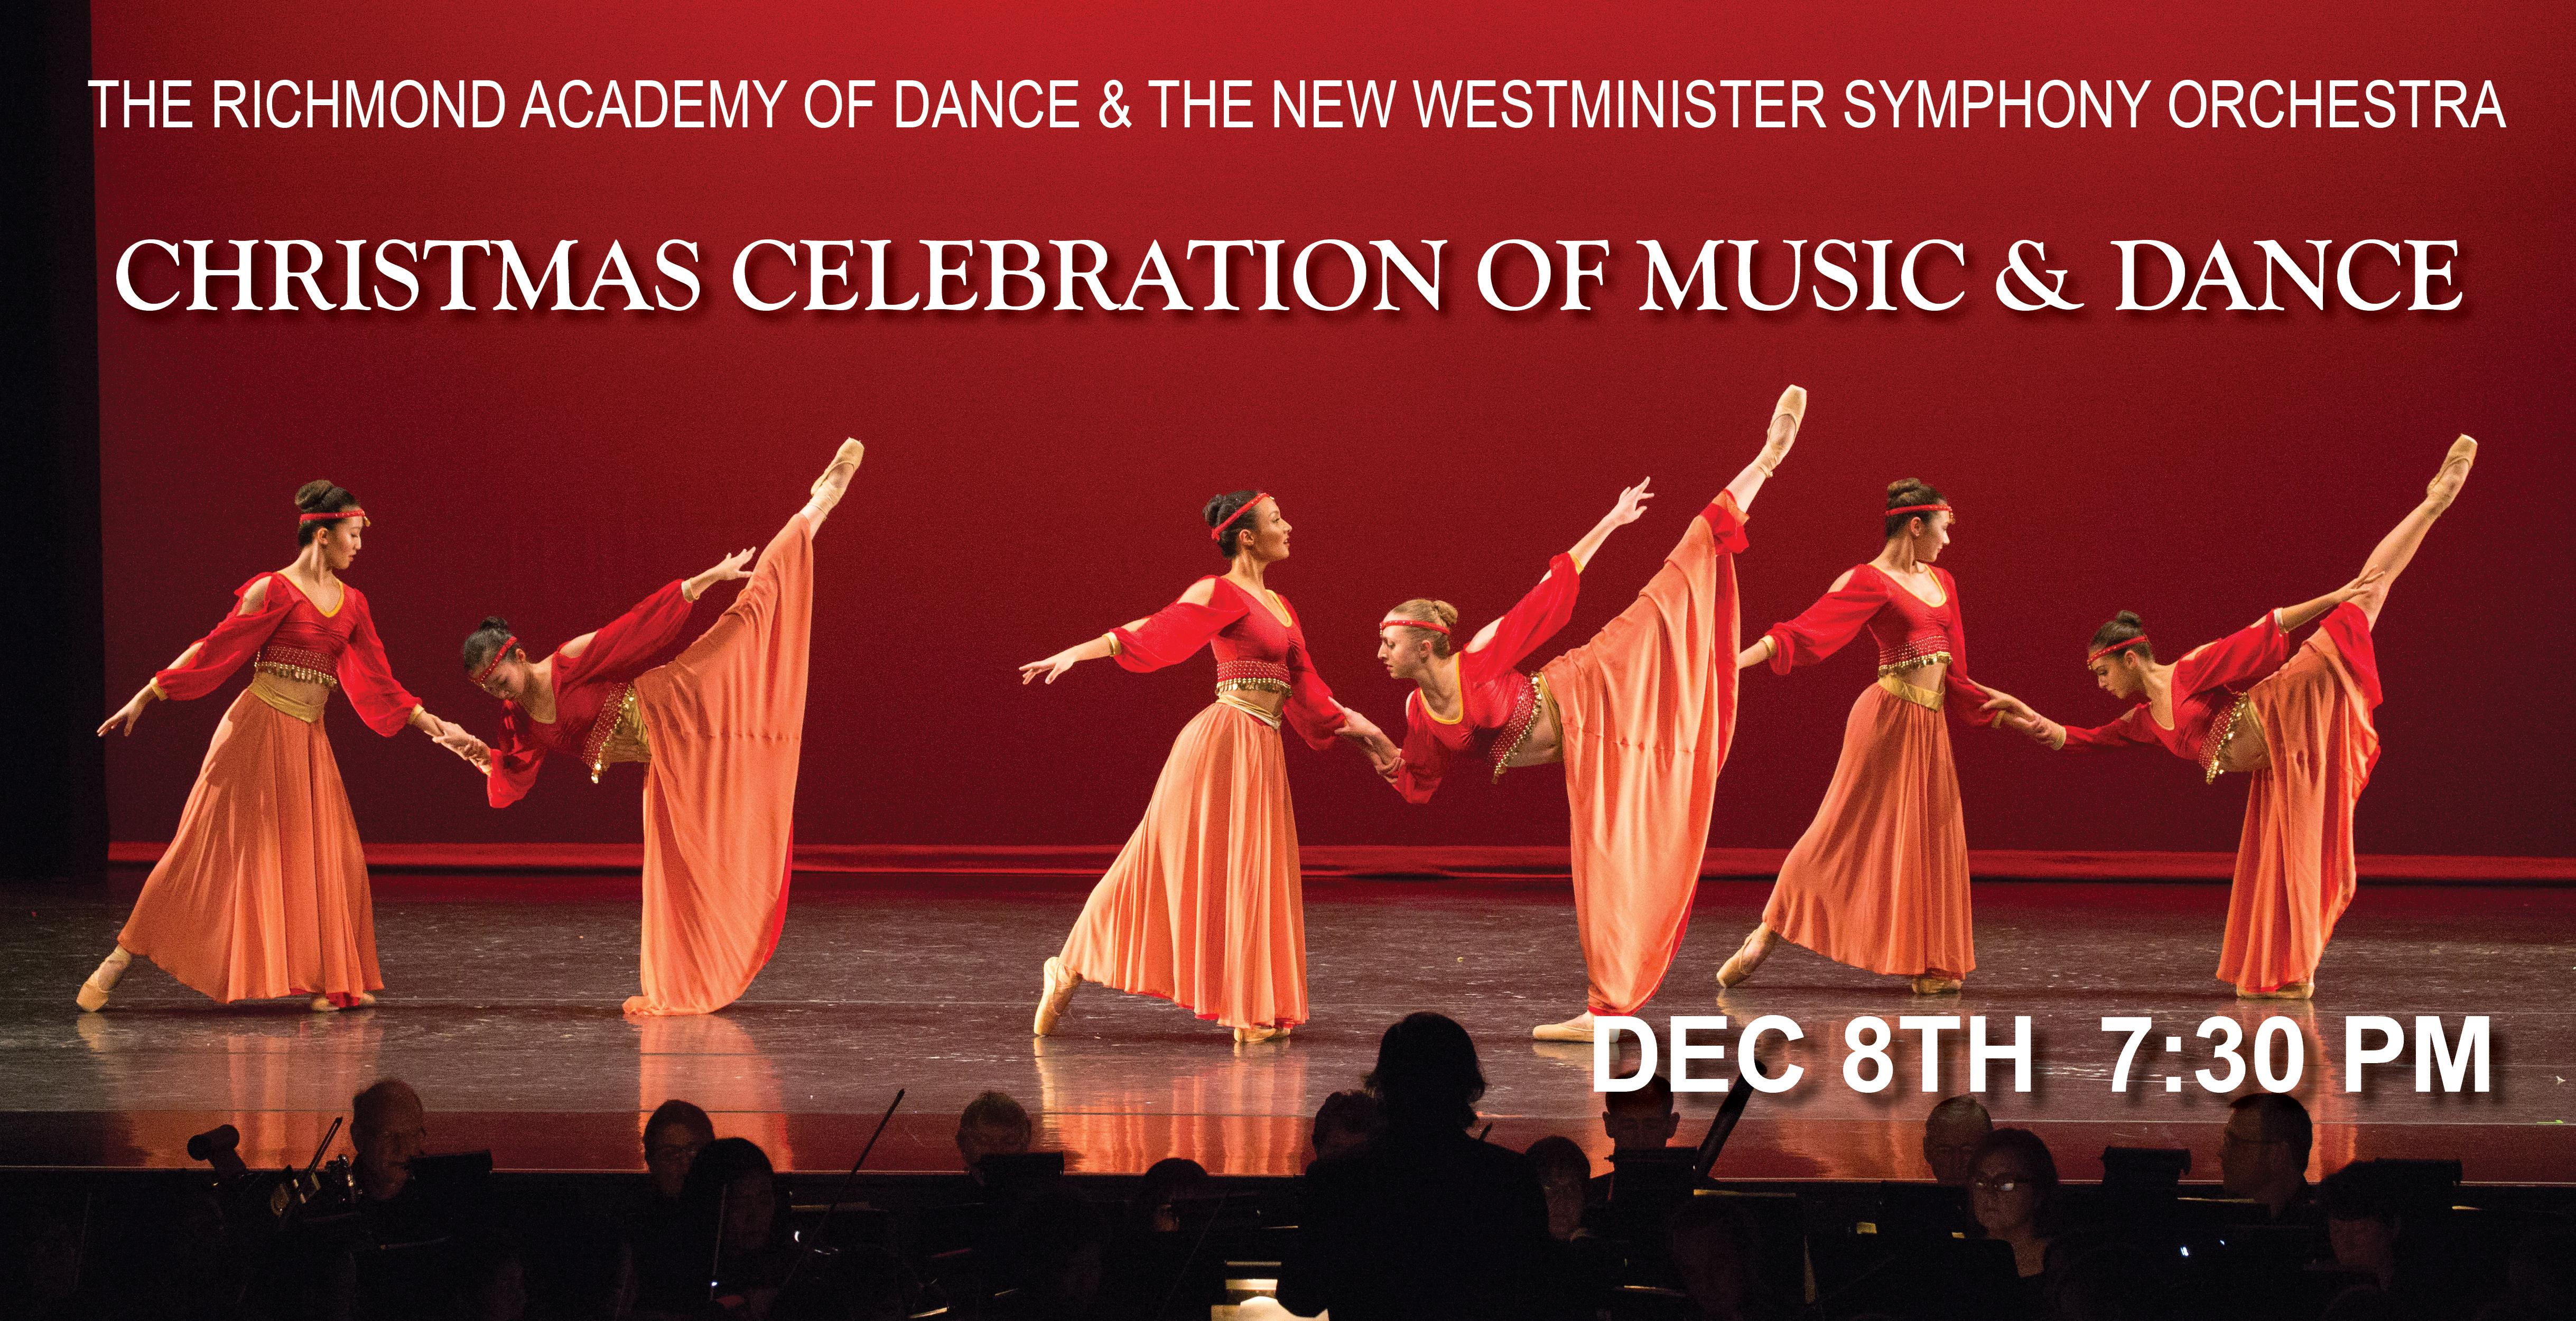 NWSO Christmas Concert